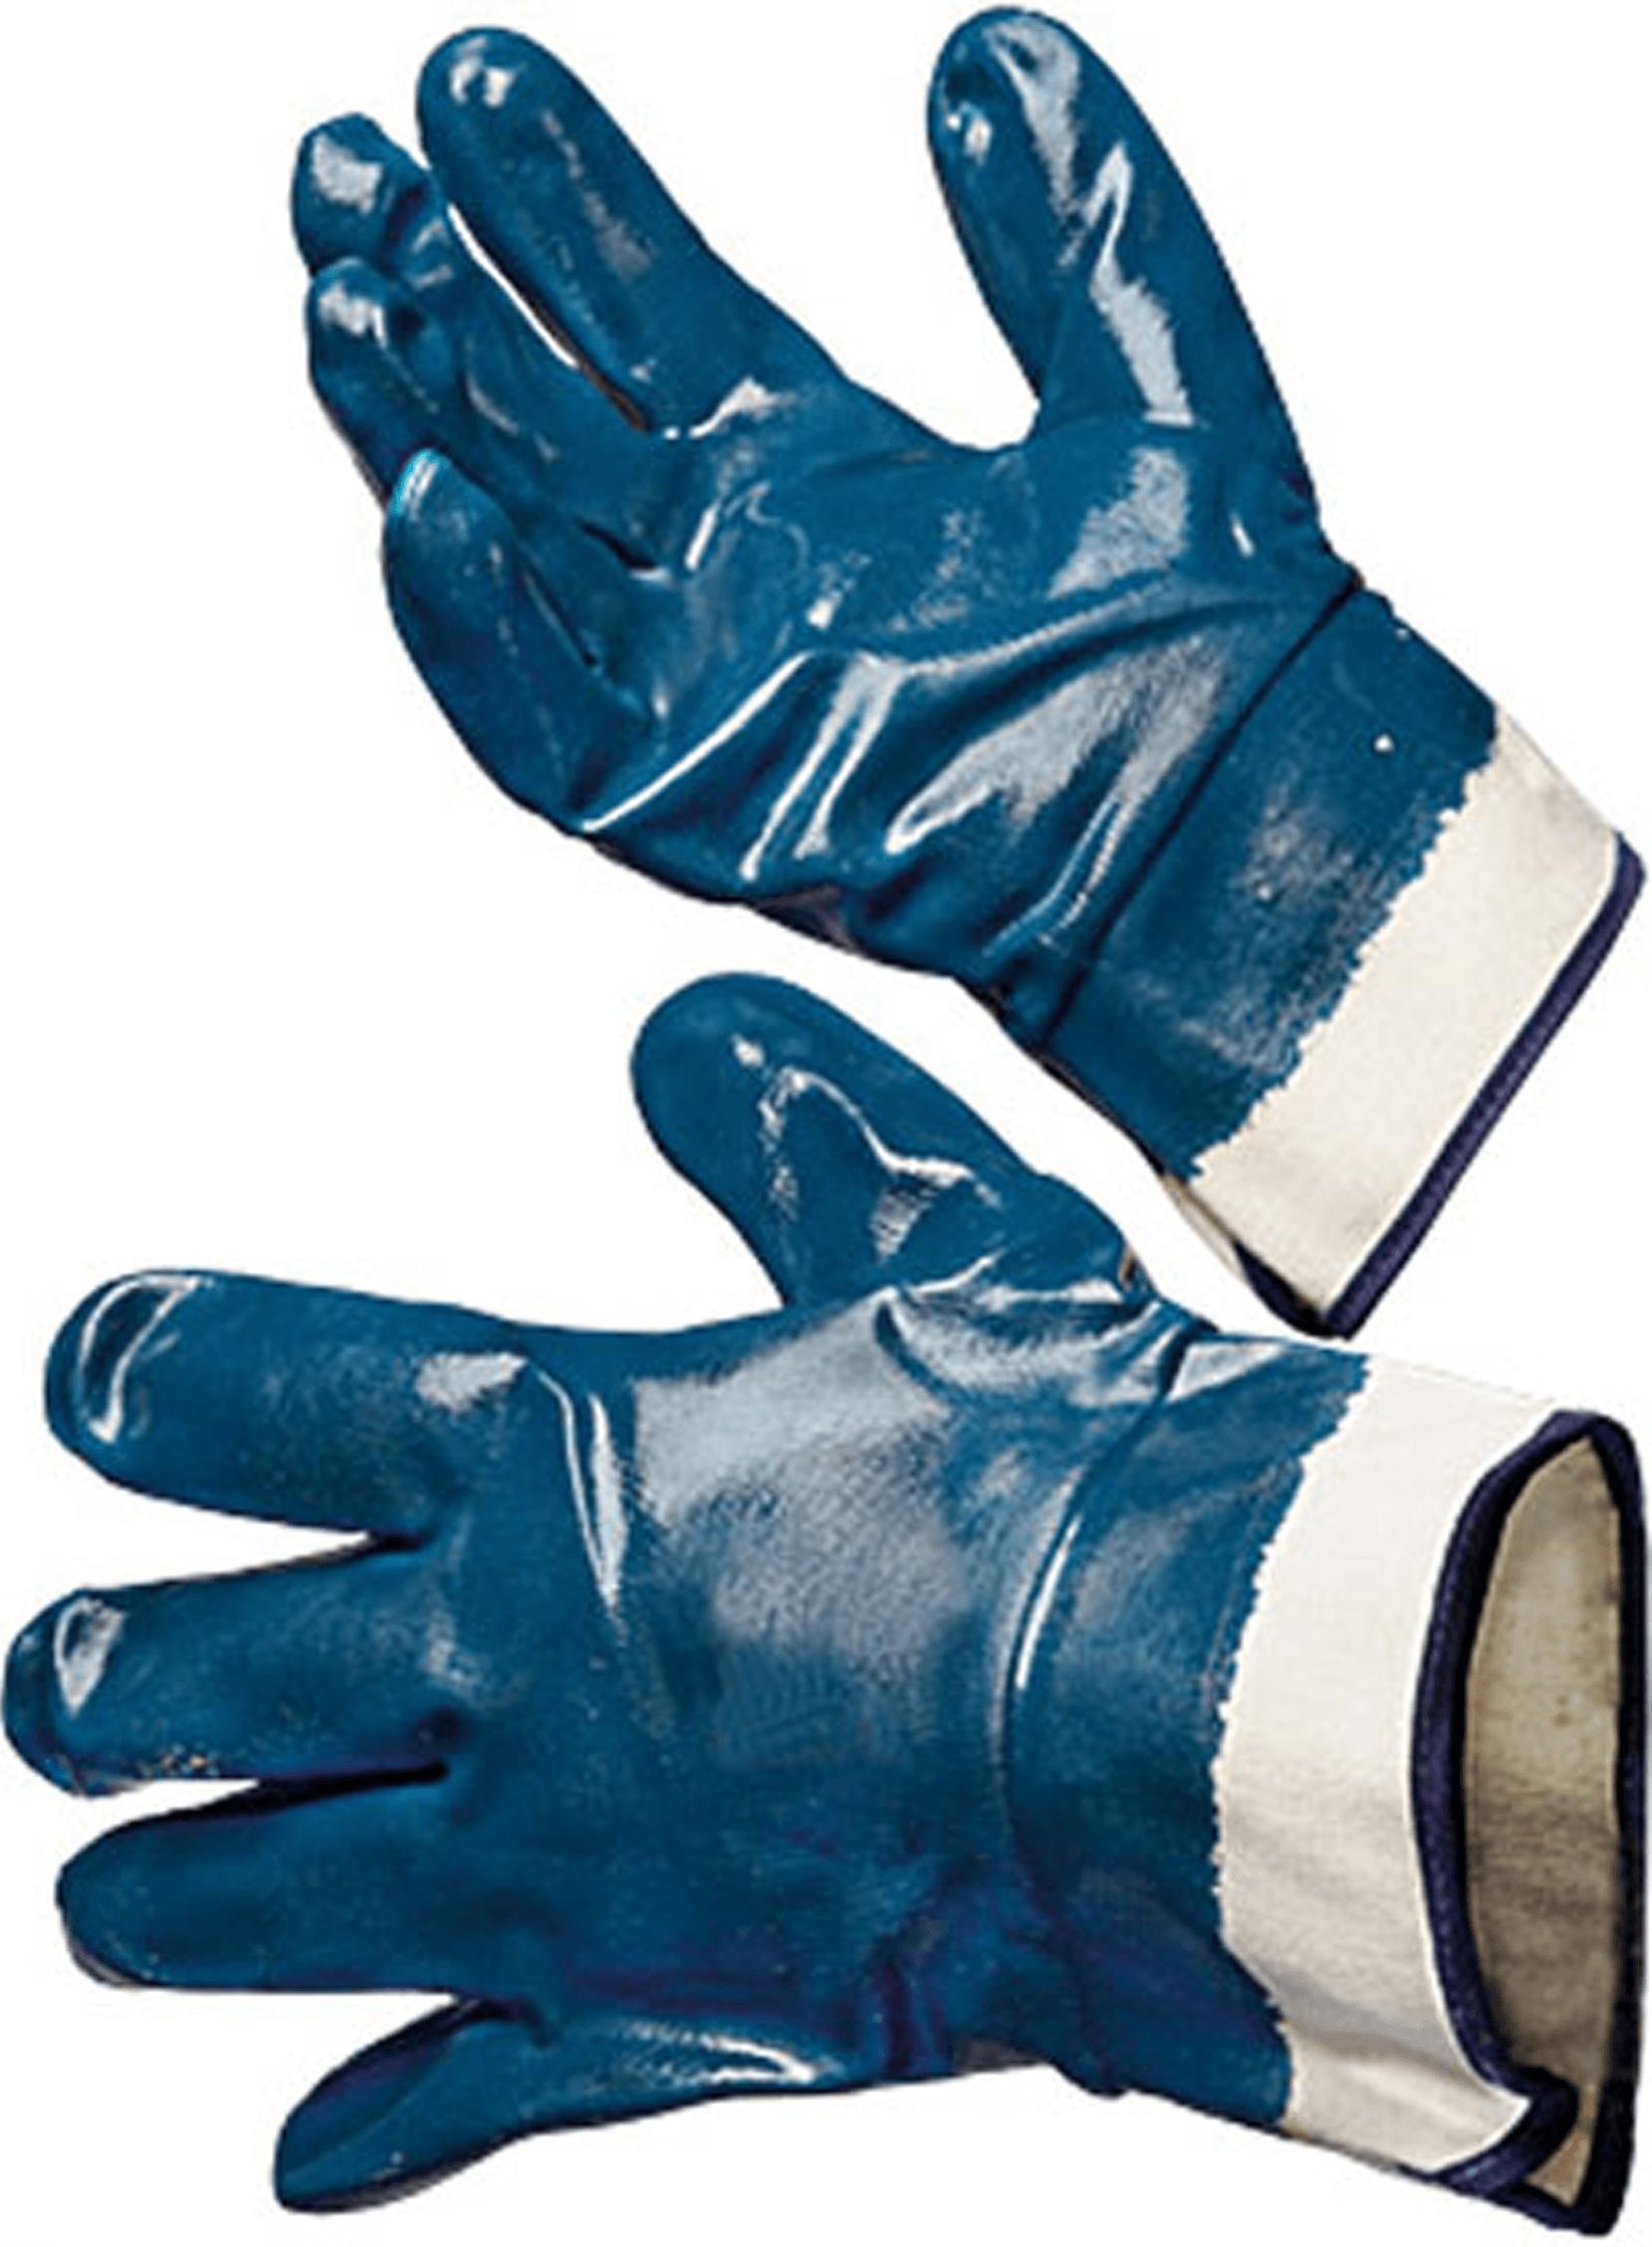 ХБ масло-бензостойкие, Перчатки с двойным обливом, фото